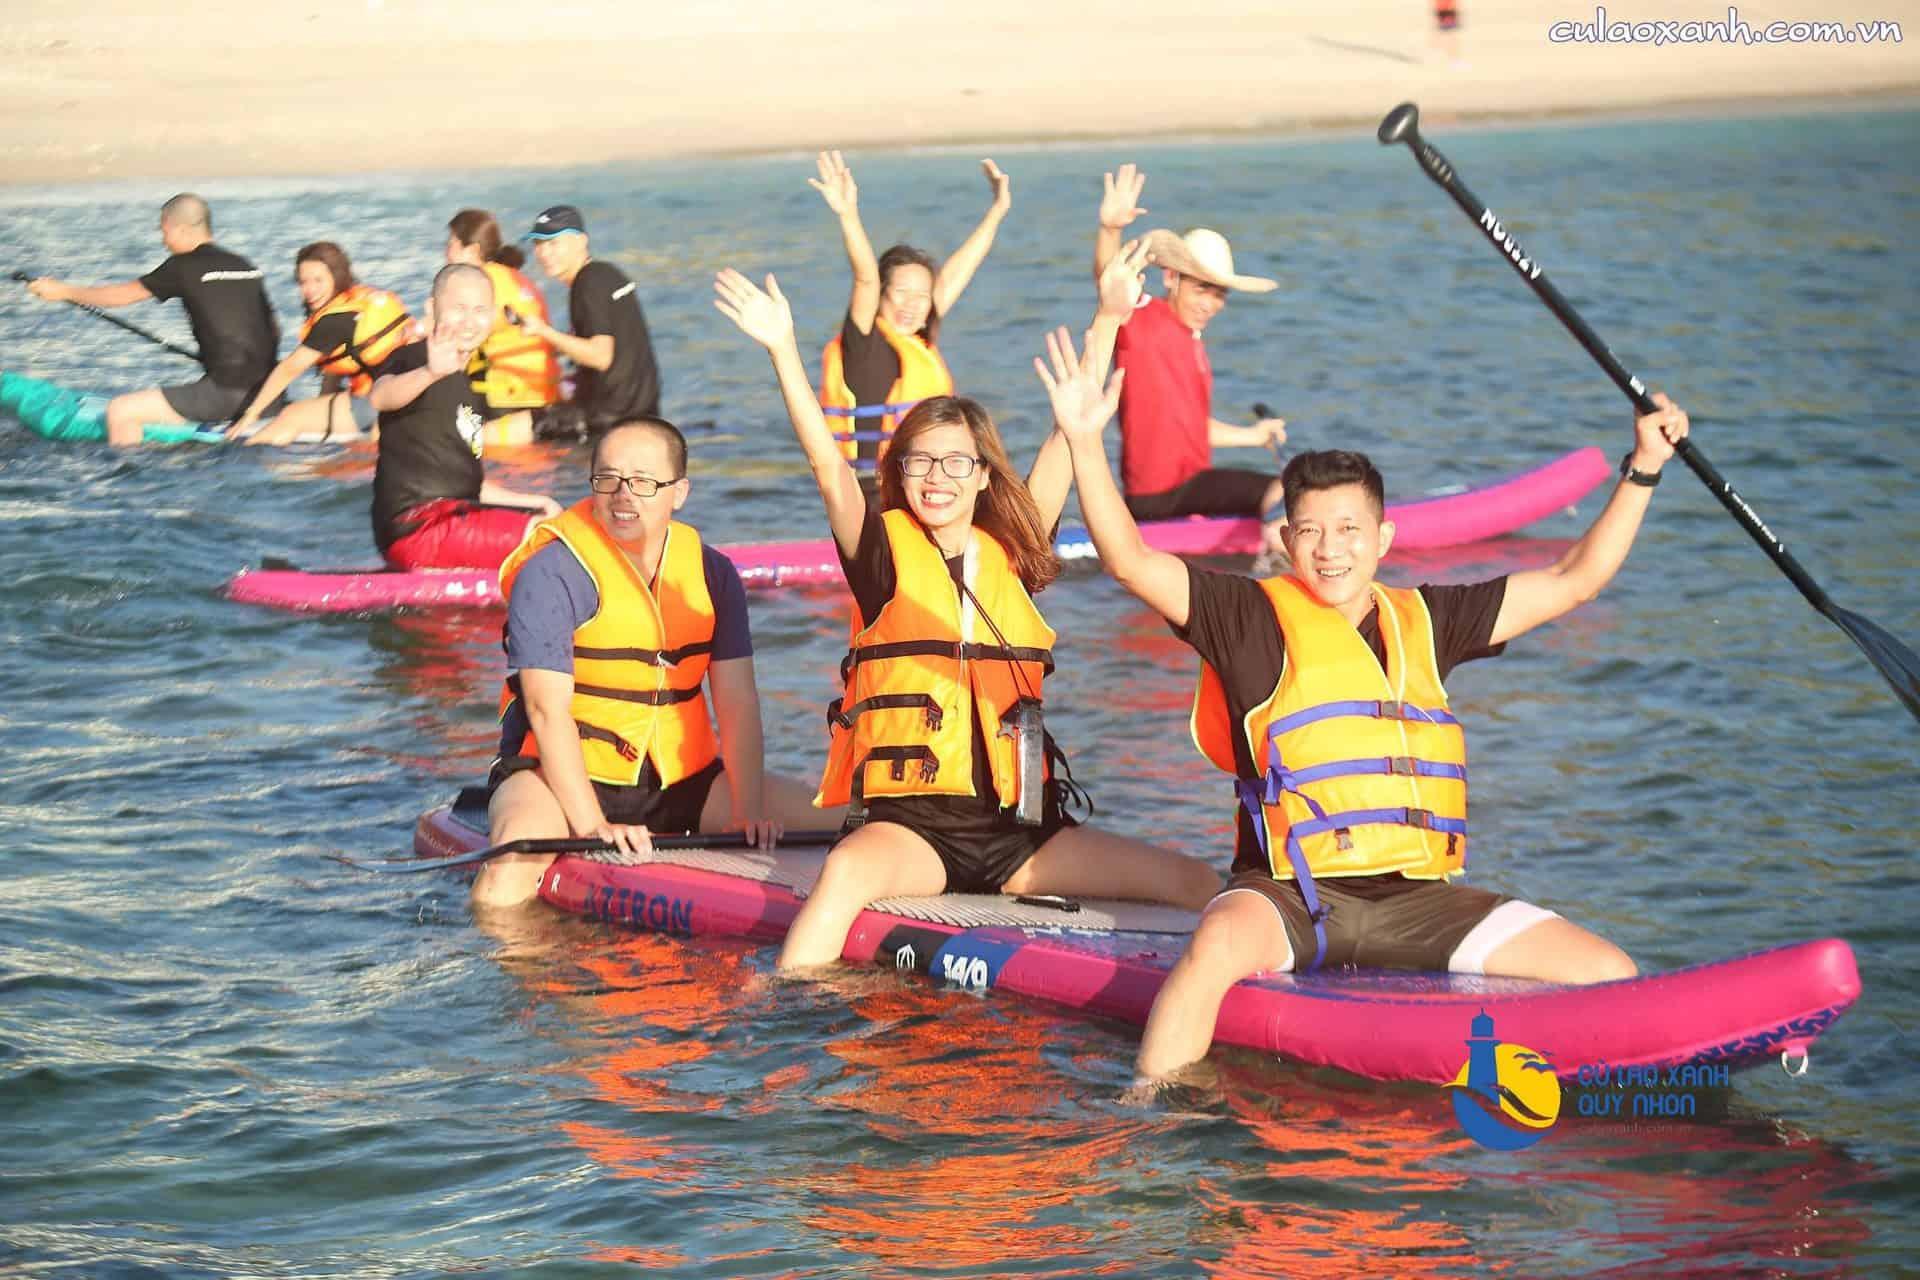 Trải nghiệm Thuyền Kayak/SUP của đoàn DNTT trên bãi biển Cù Lao Xanh